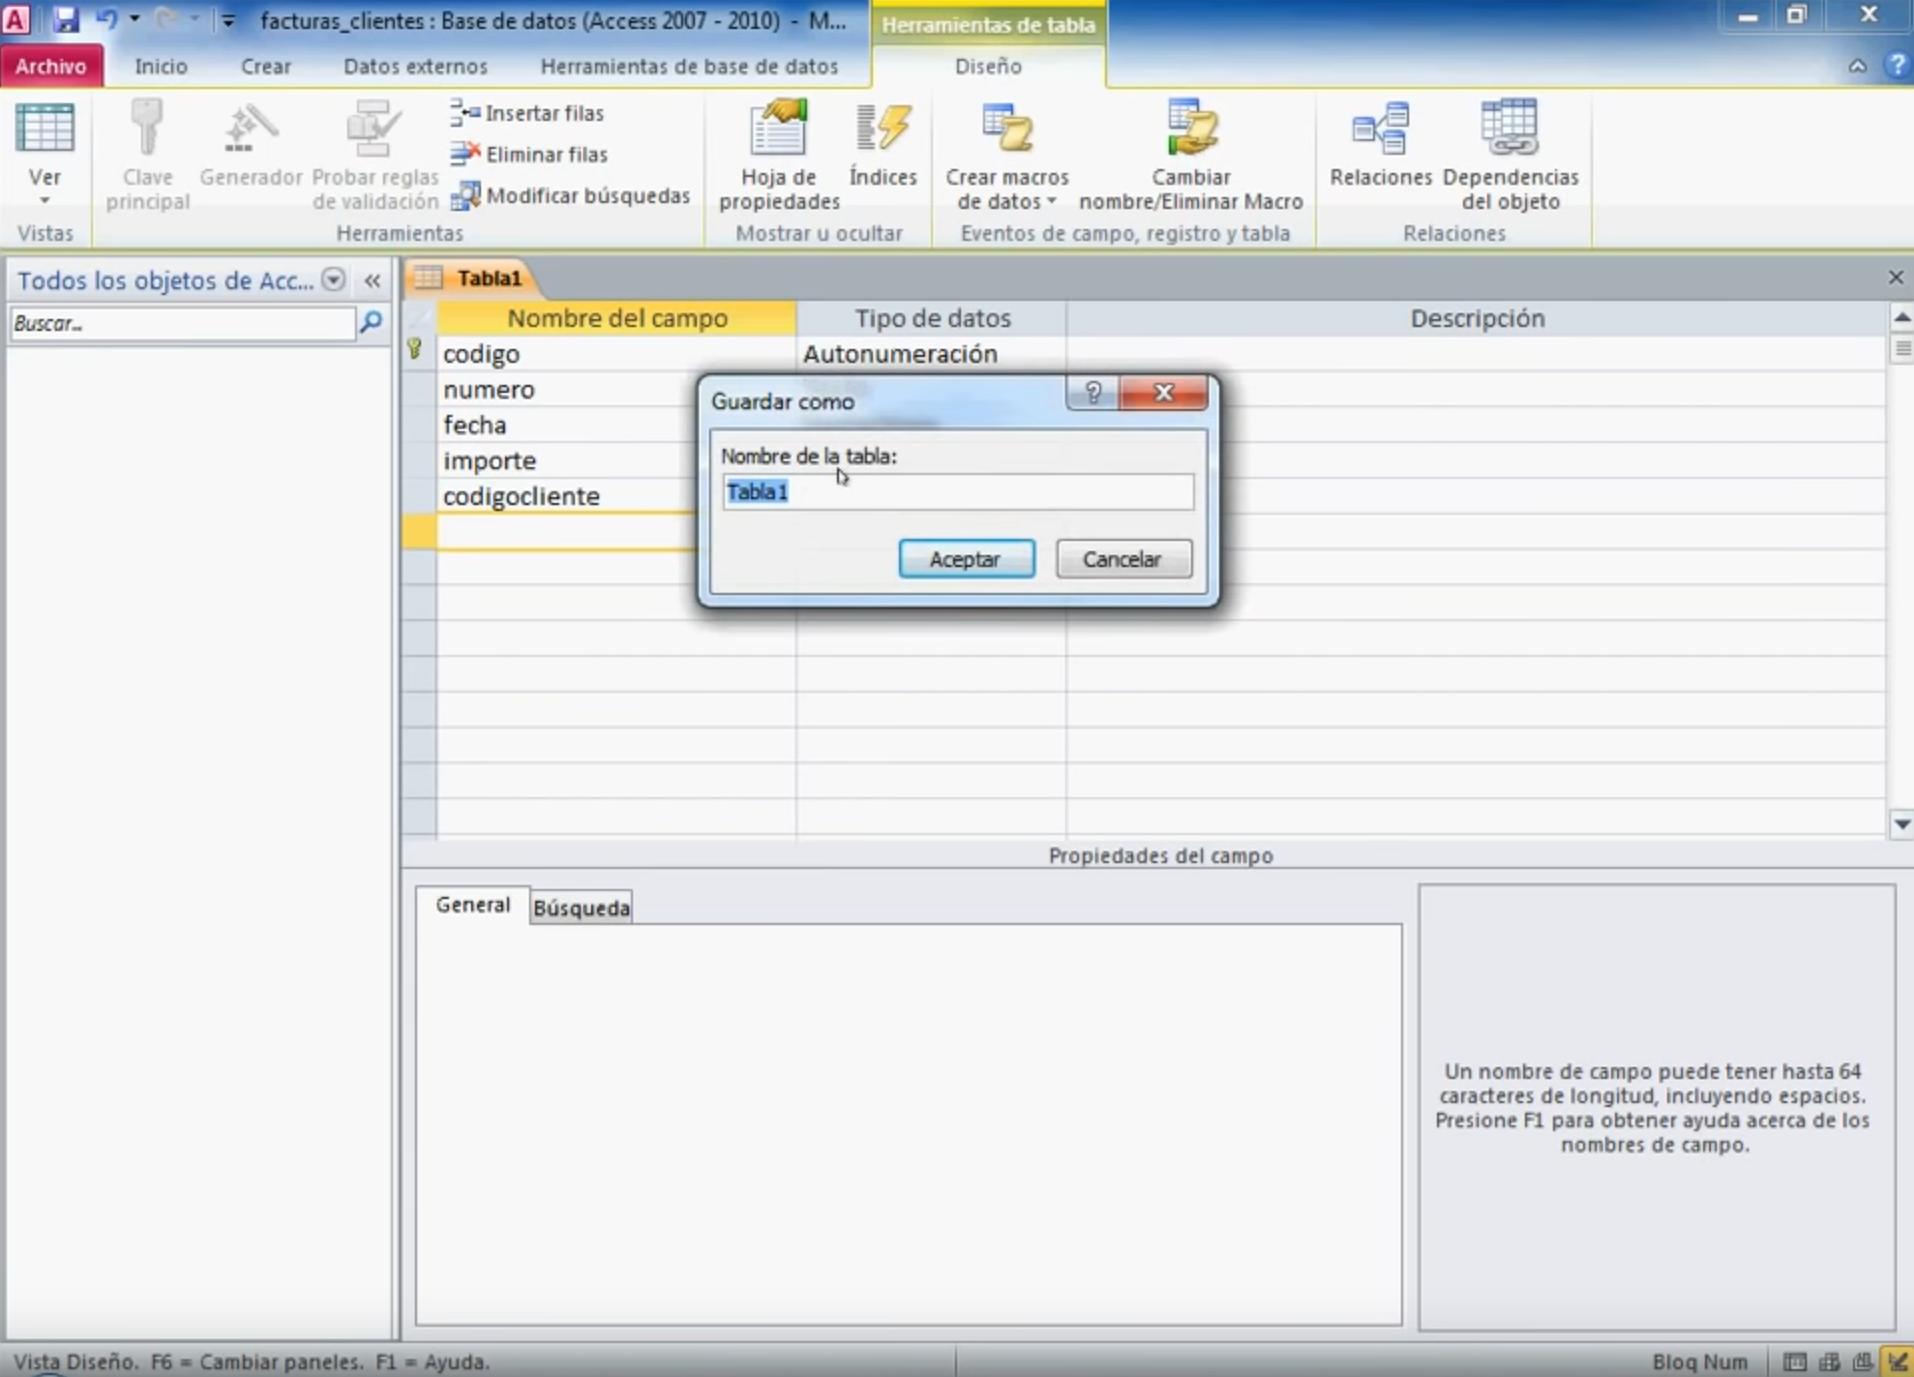 Videotutorial | Crear base datos Access con tablas relacionadas facturas, detalle, clientes